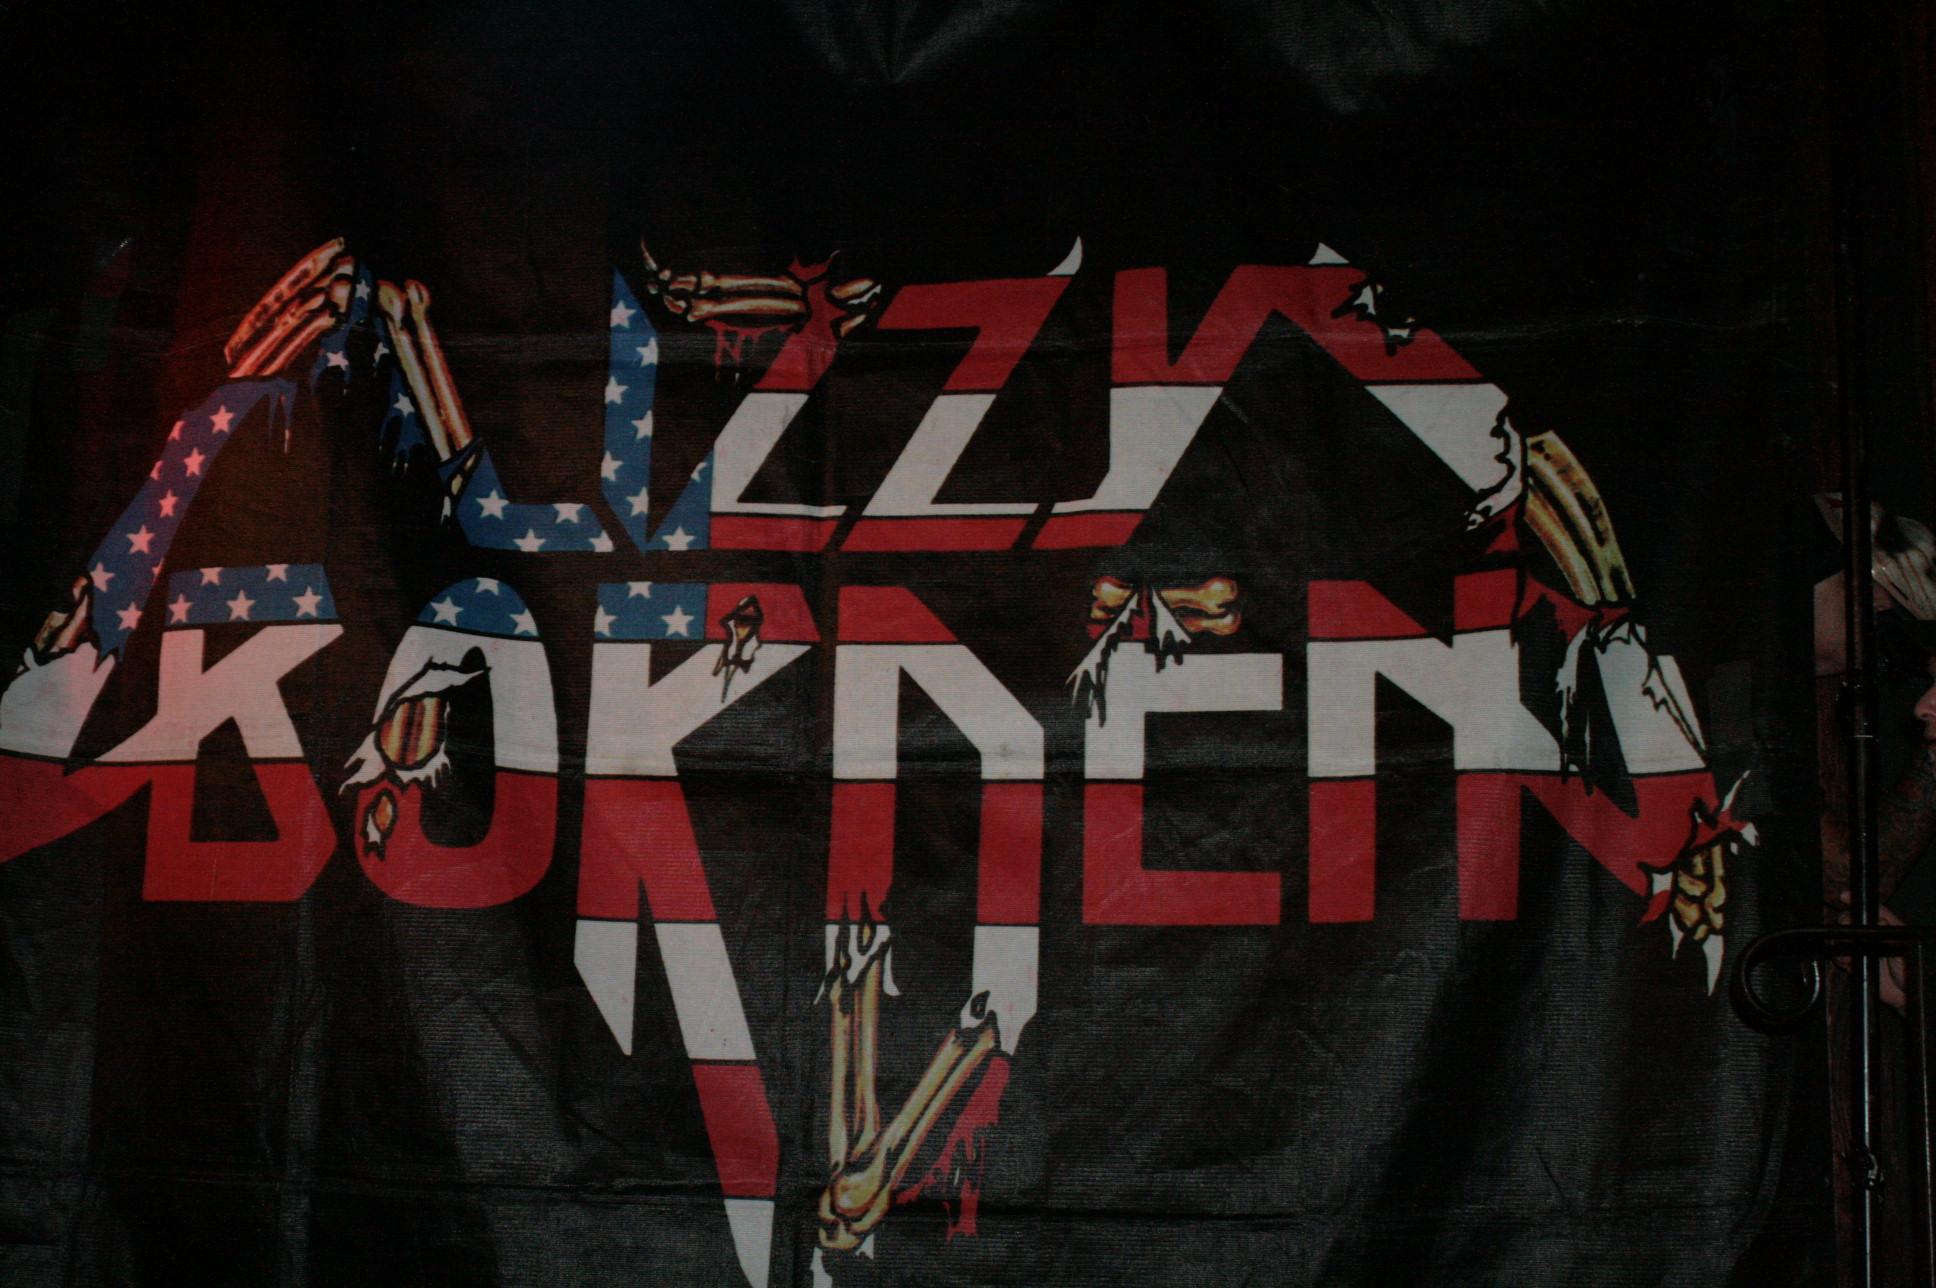 Lizzy Borden Dates 2011